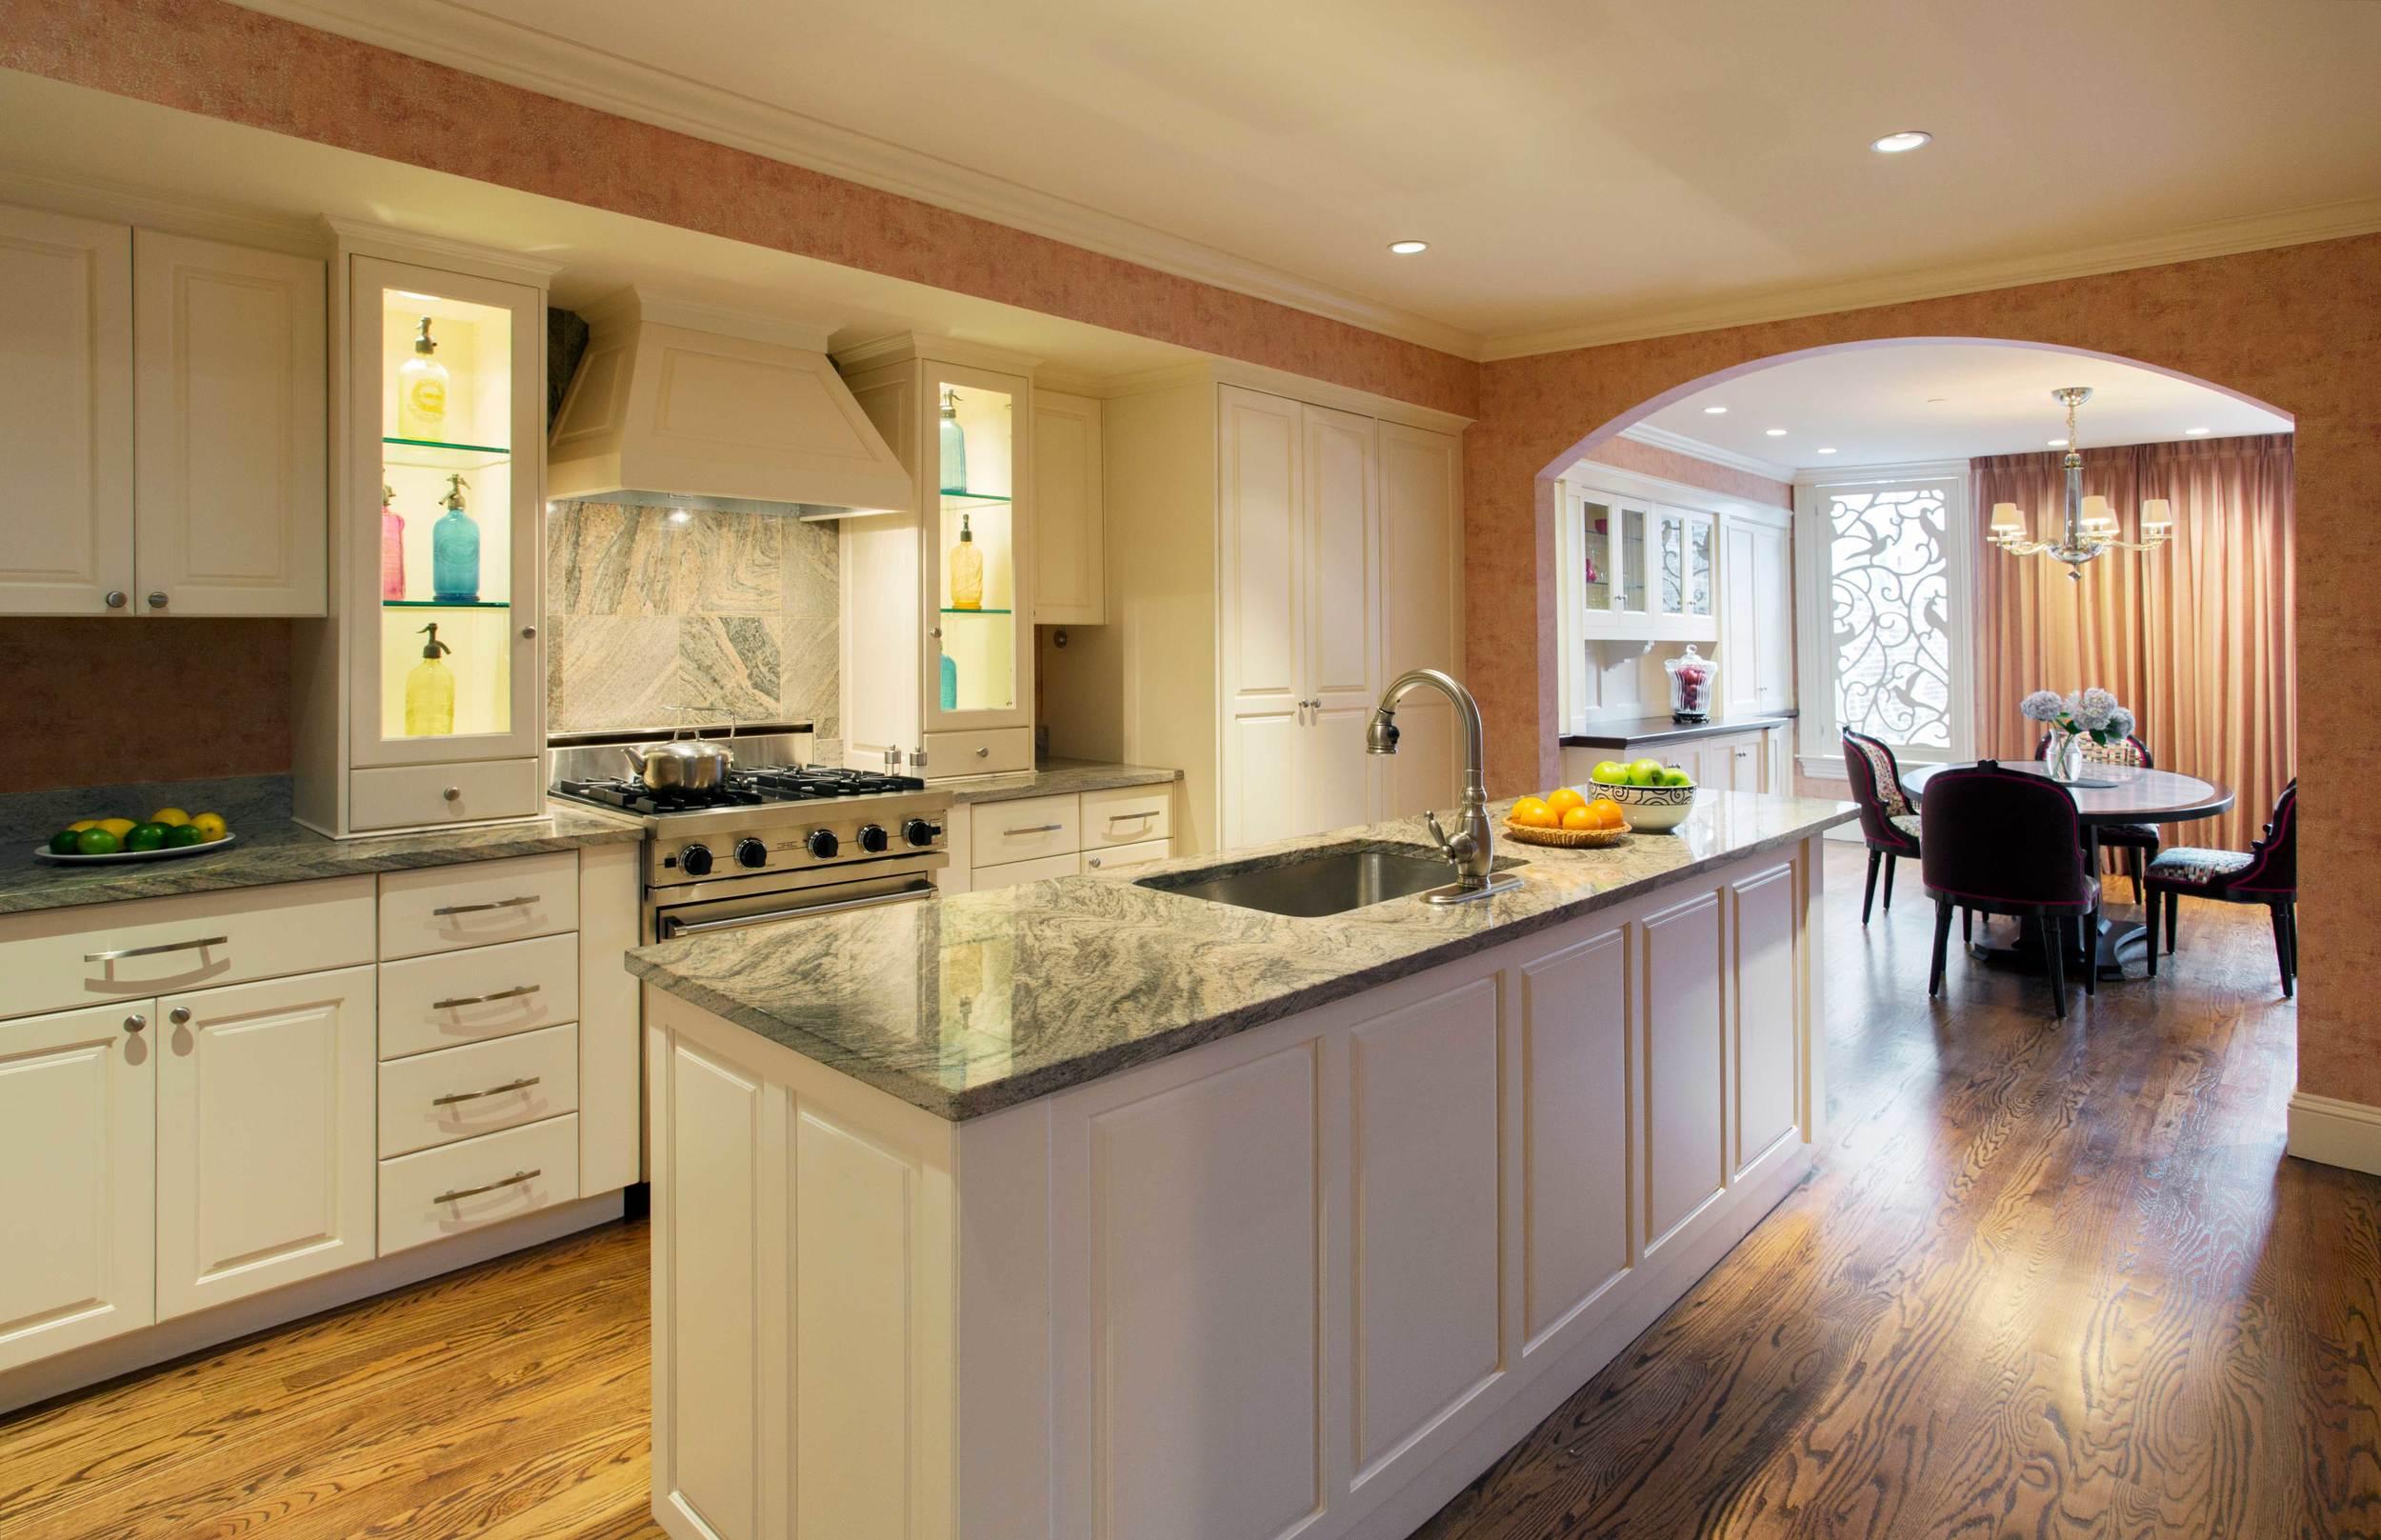 Wolkoff-8-13-kitchen.jpg